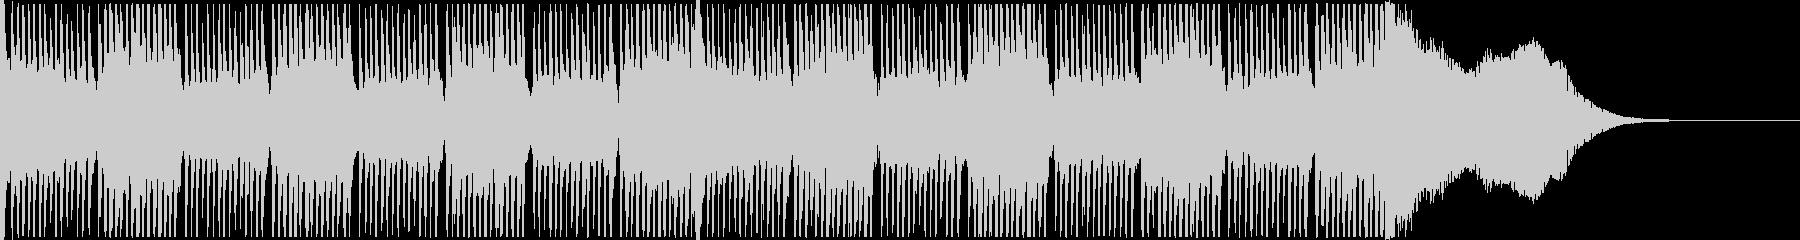 シンキングタイム30秒のMEですの未再生の波形